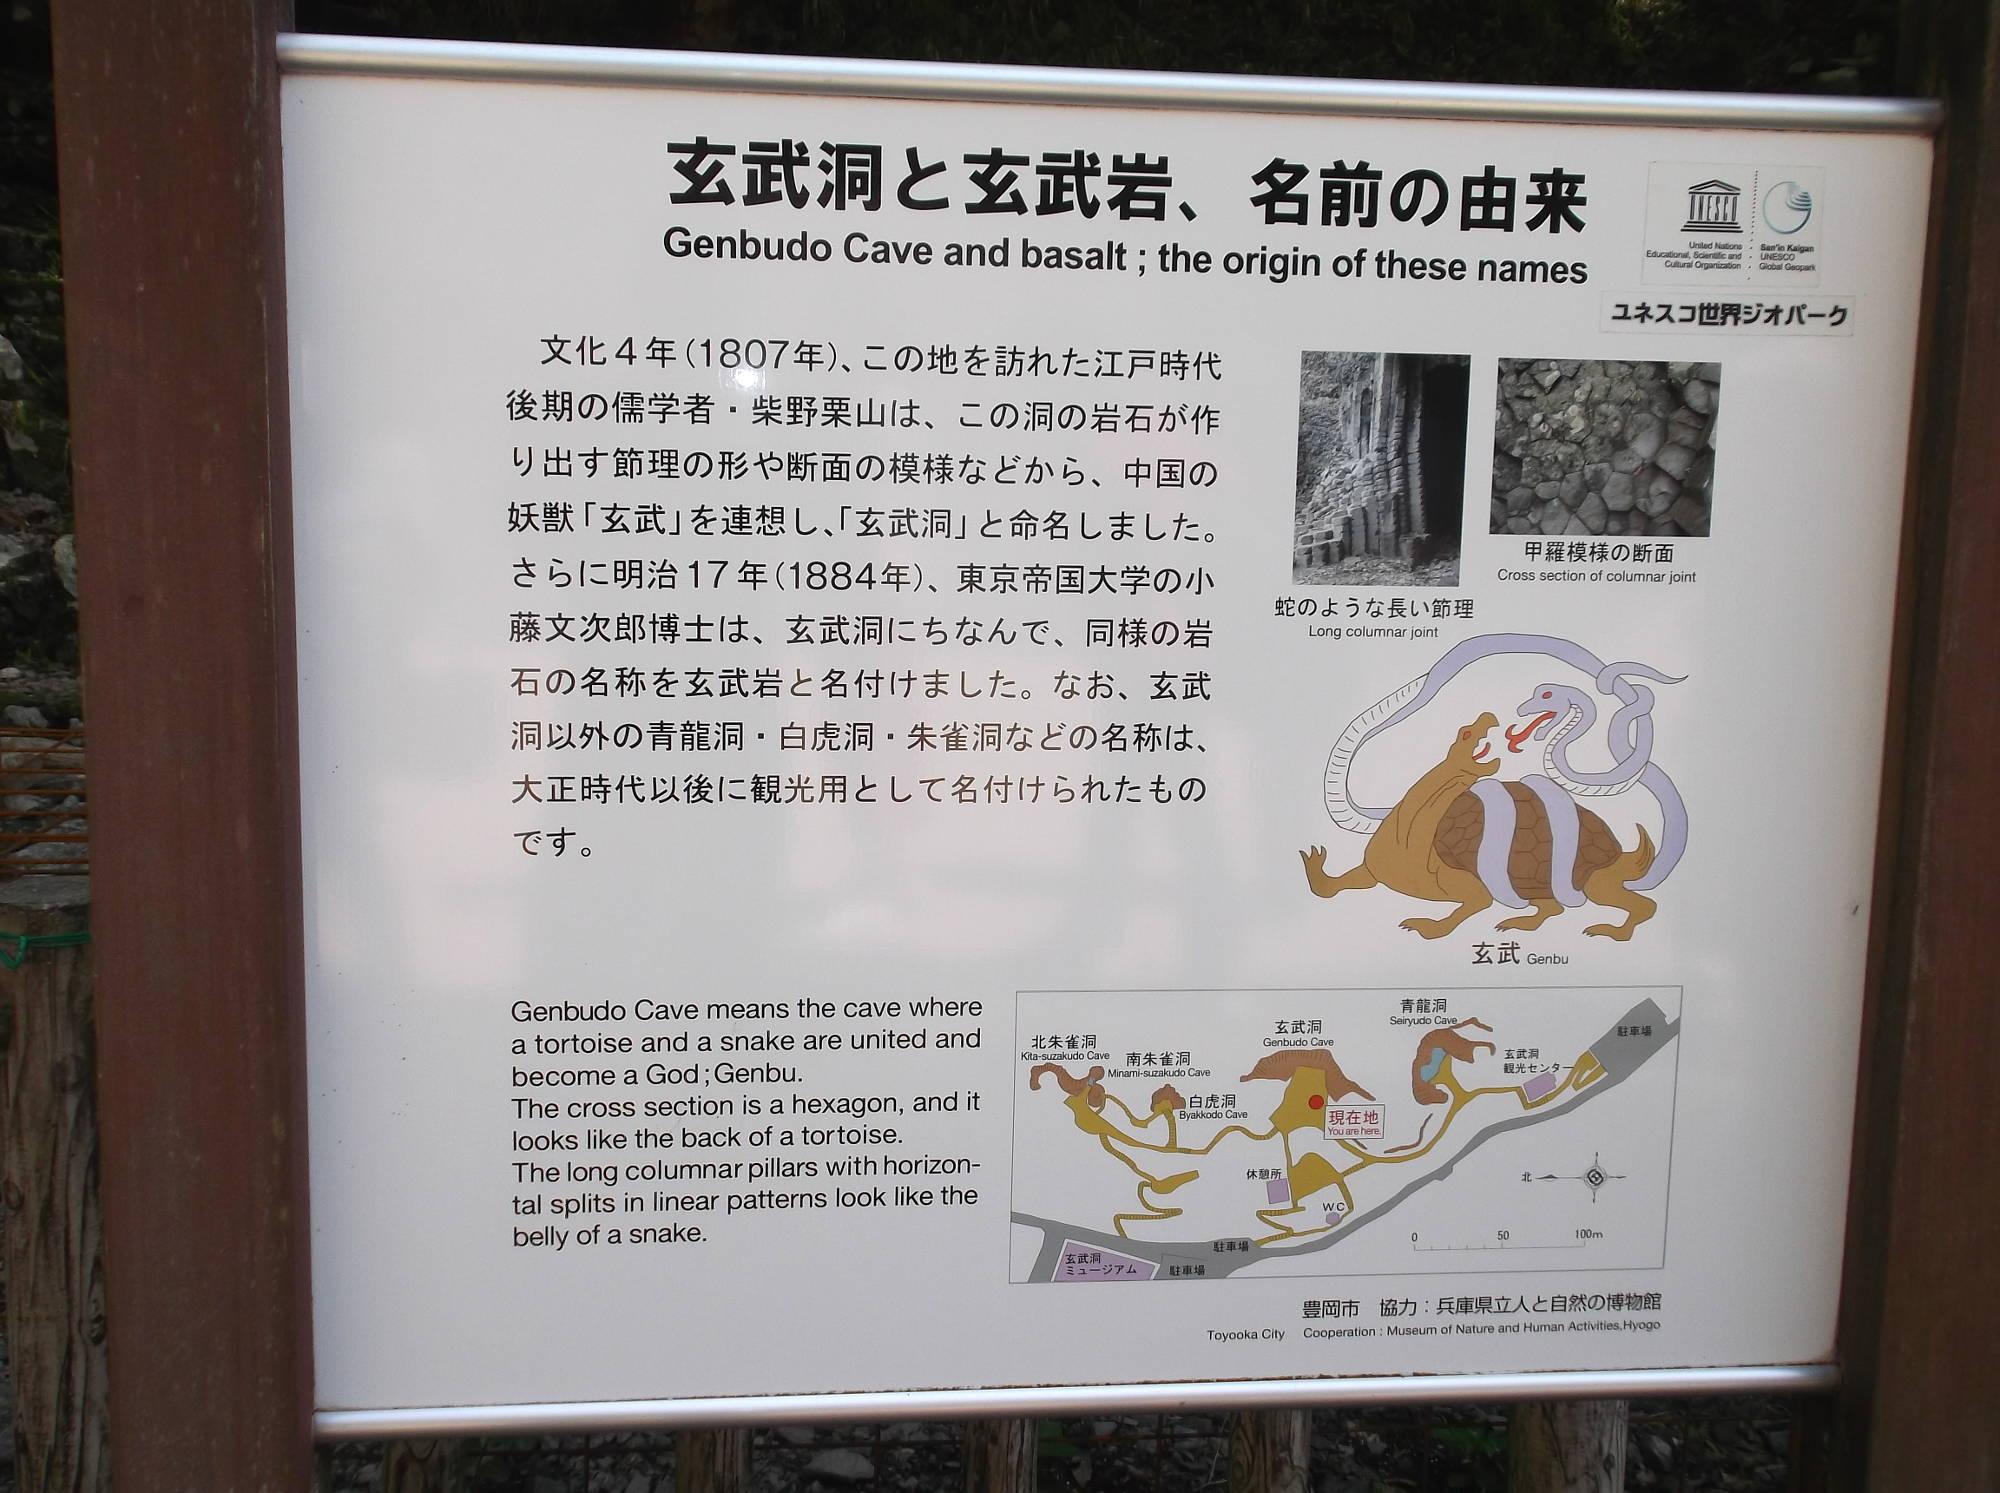 玄武洞と玄武岩の由来